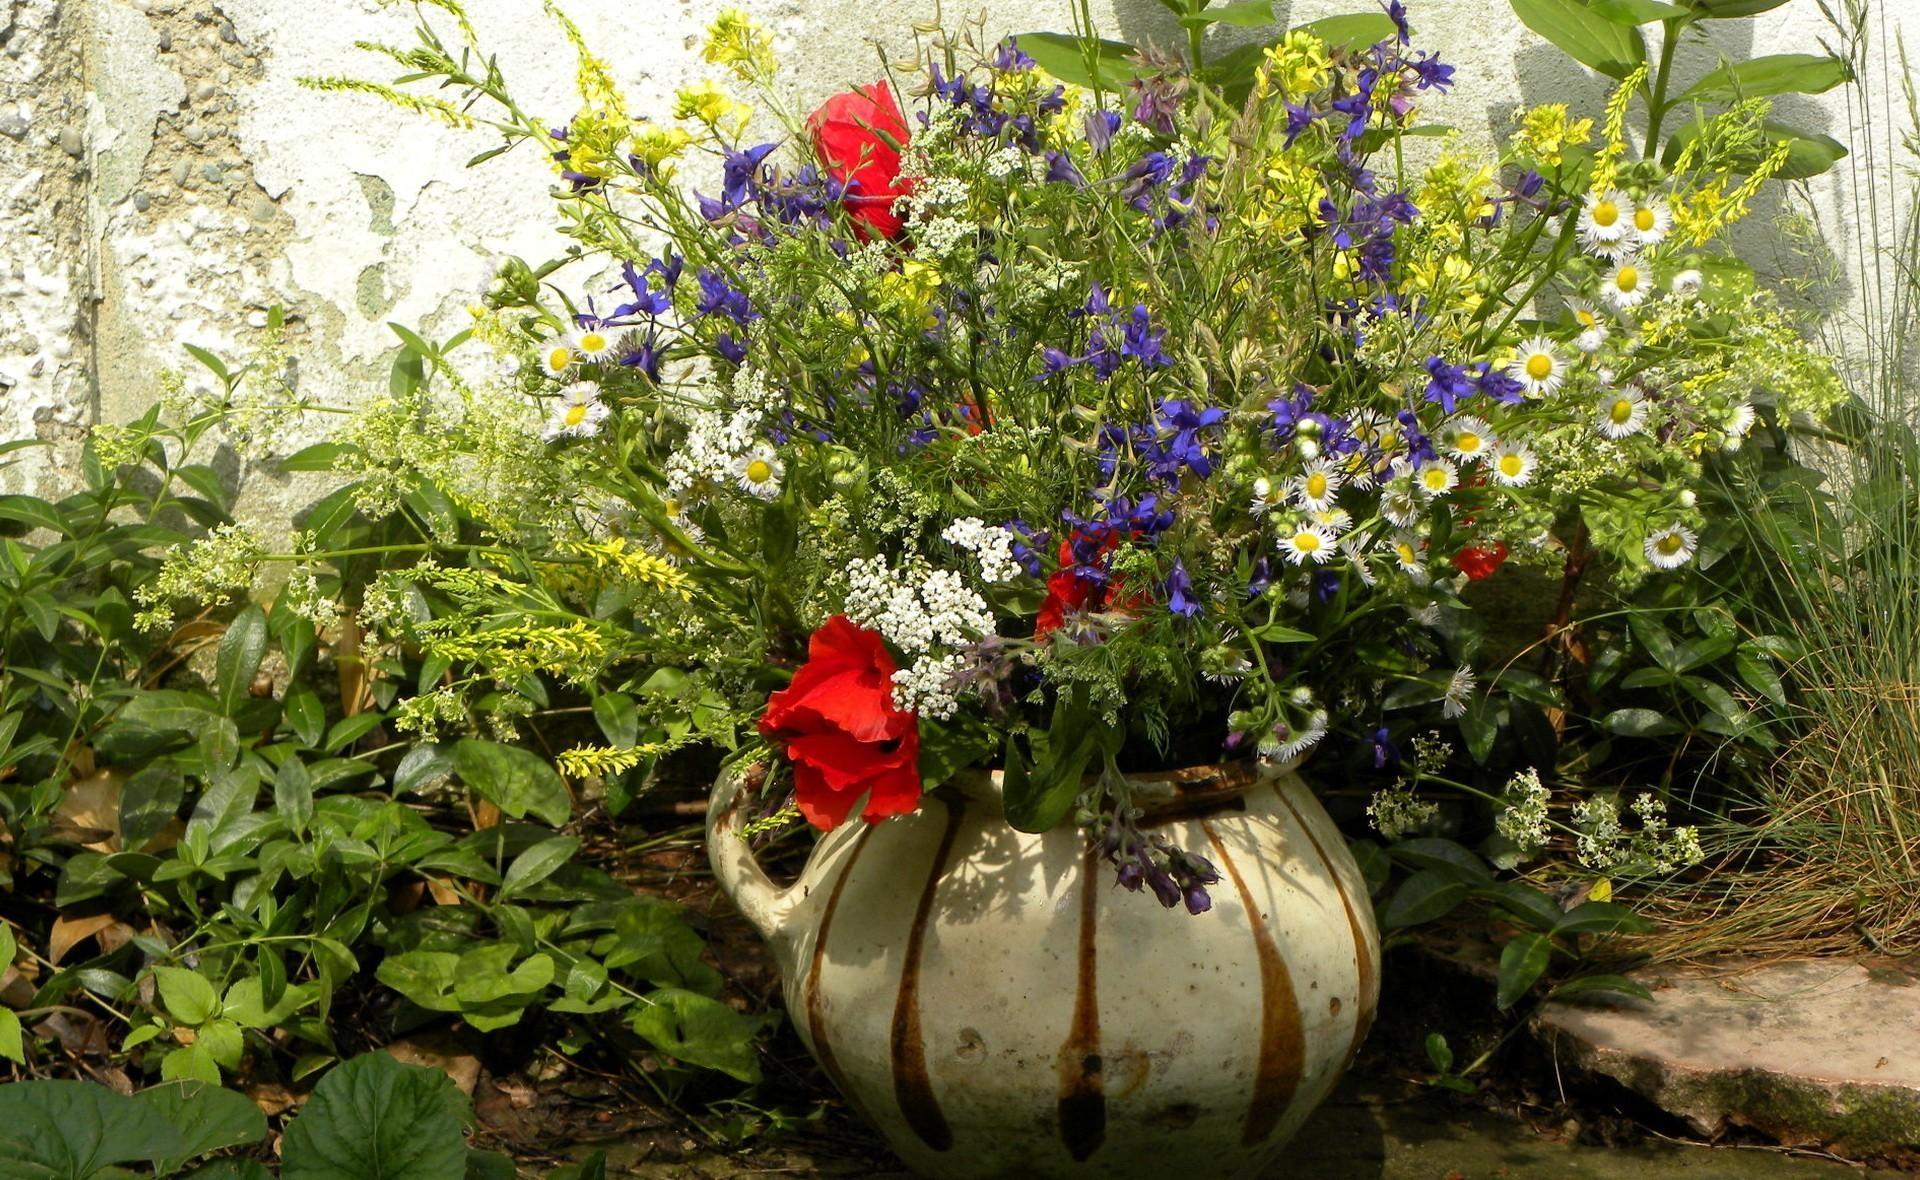 Fondos De Pantalla Flores Jardín Campo Verde